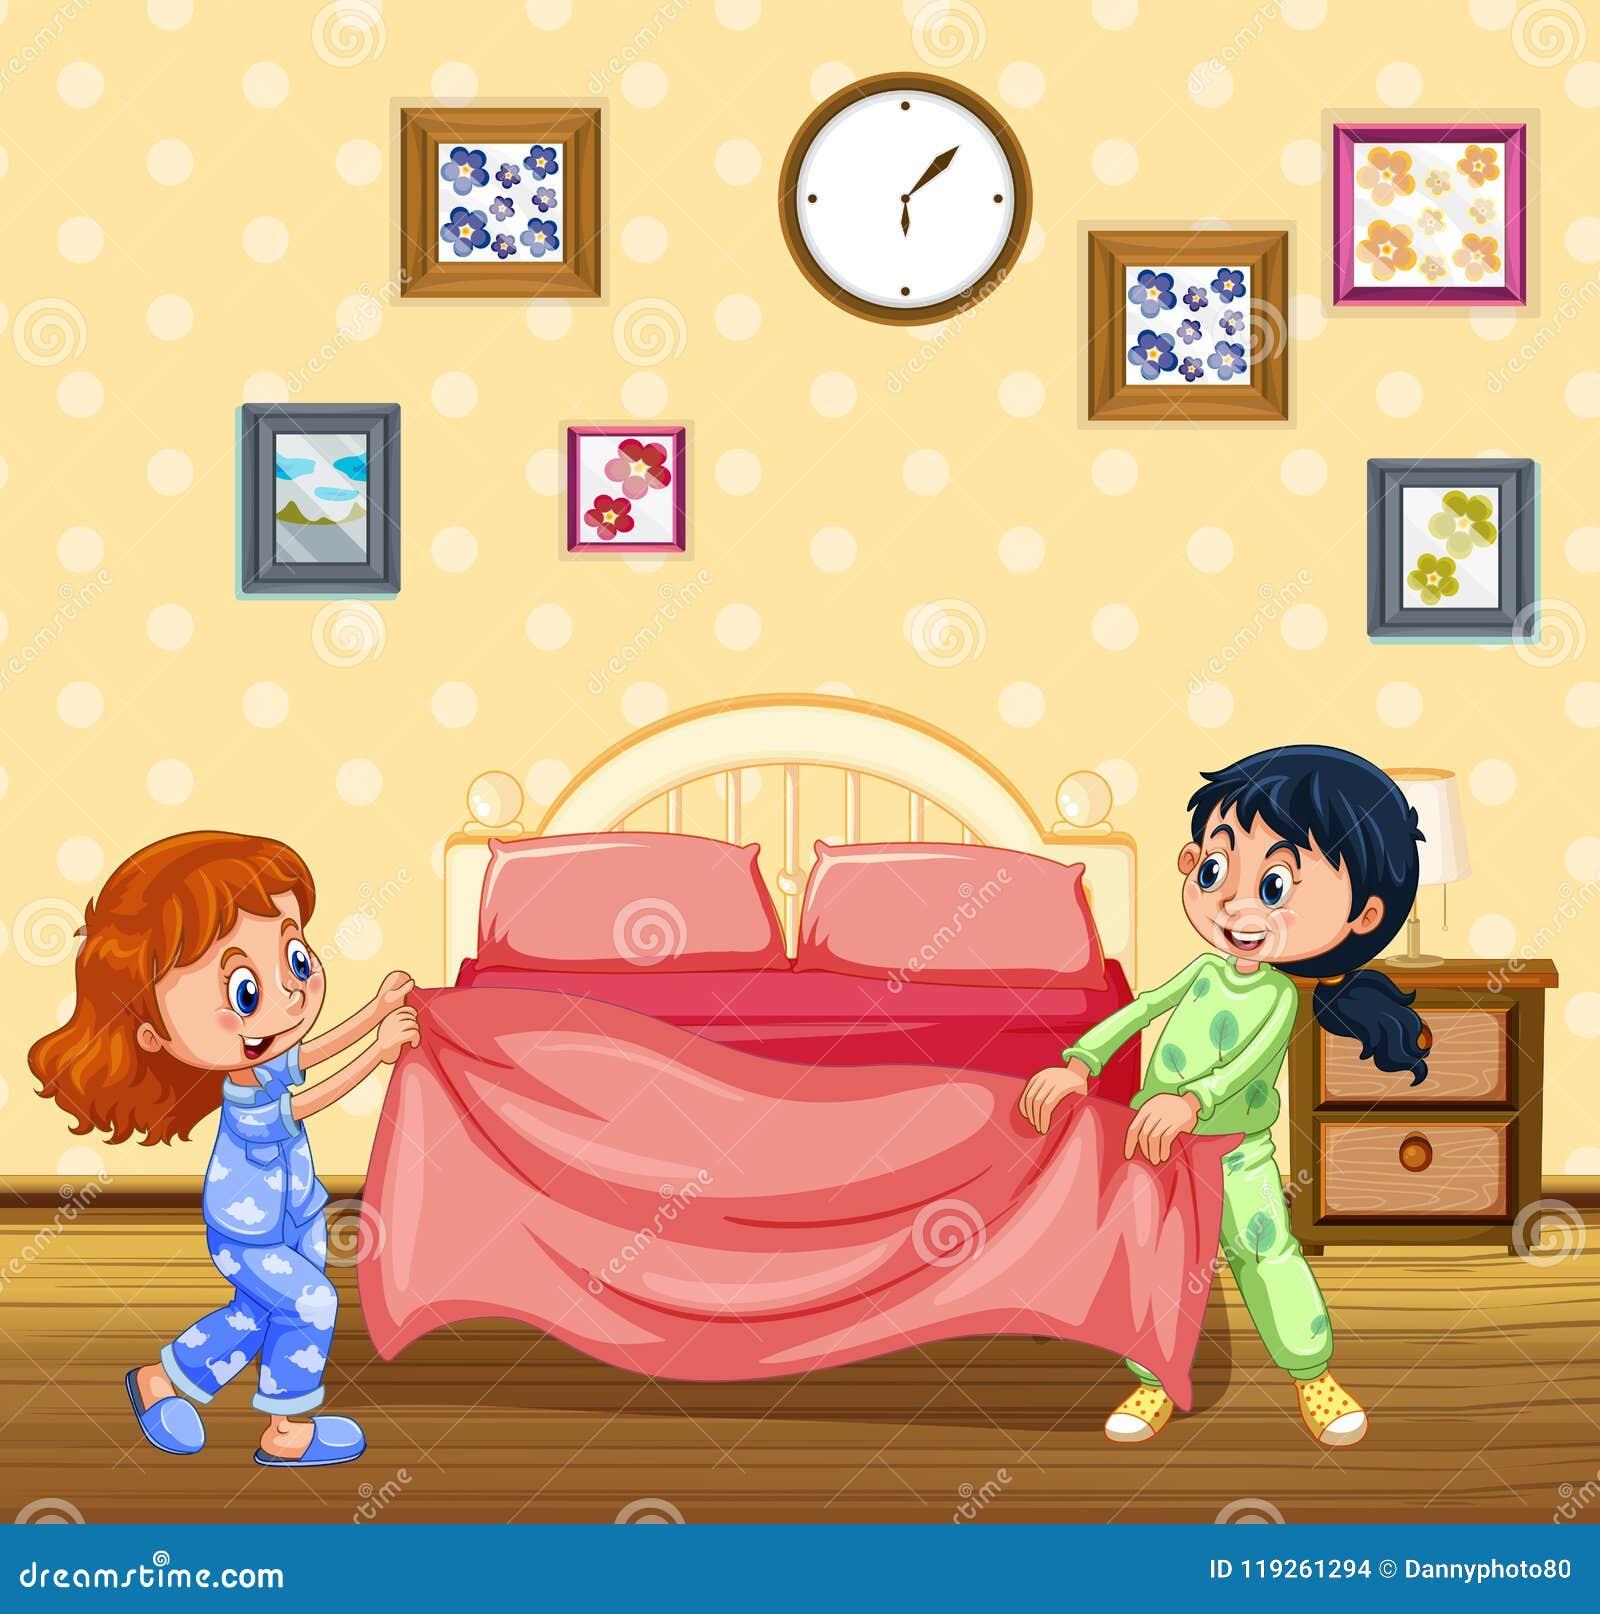 Fonkelnieuw Kinderen Die Bed In De Ochtend Maken Vector Illustratie MZ-54